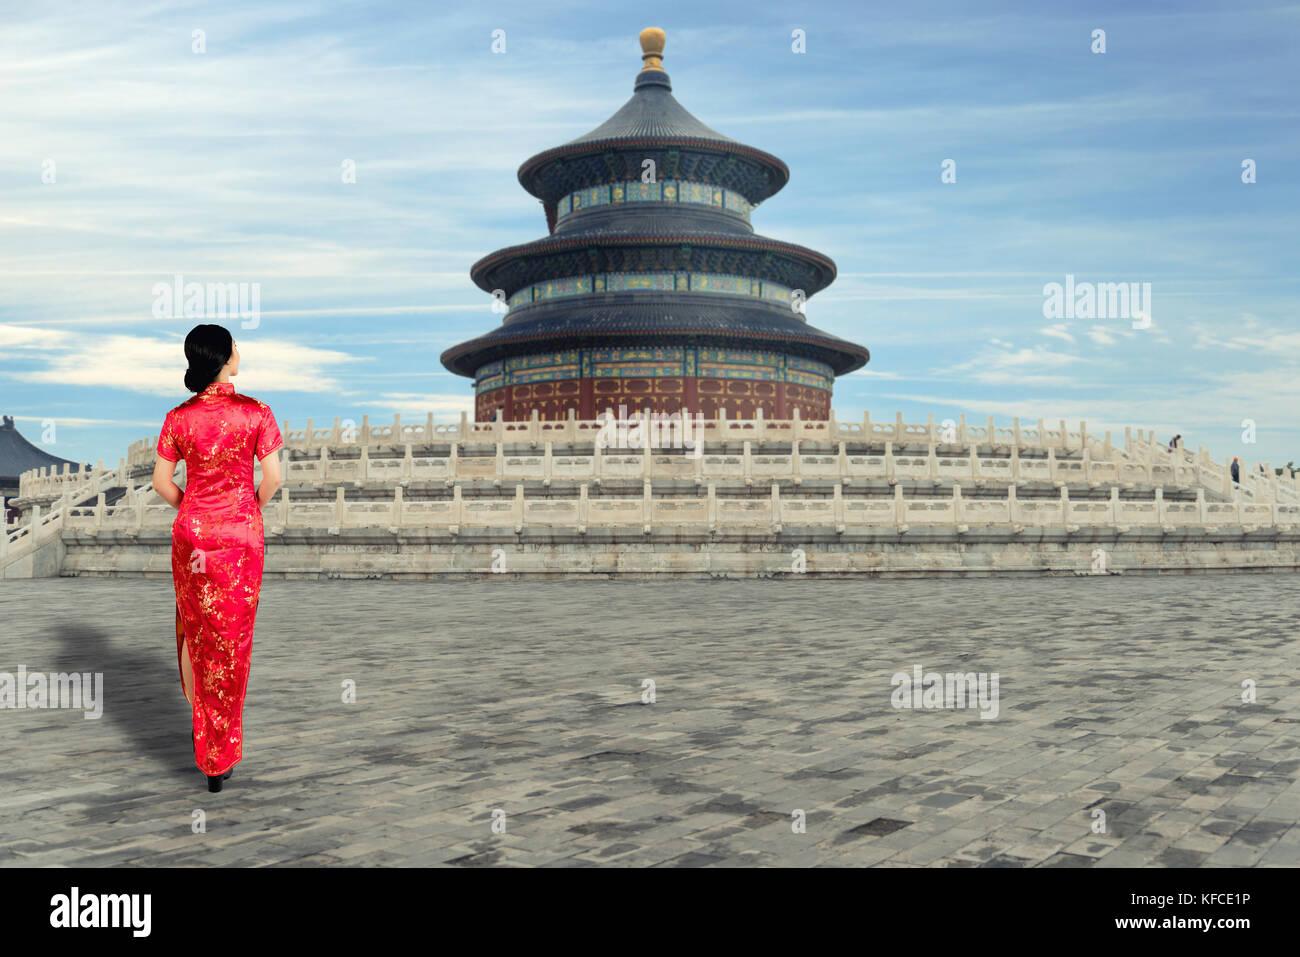 Jeune femme asiatique en vieux chinois traditionnel robes dans le temple du Ciel à Beijing, Chine. Photo Stock